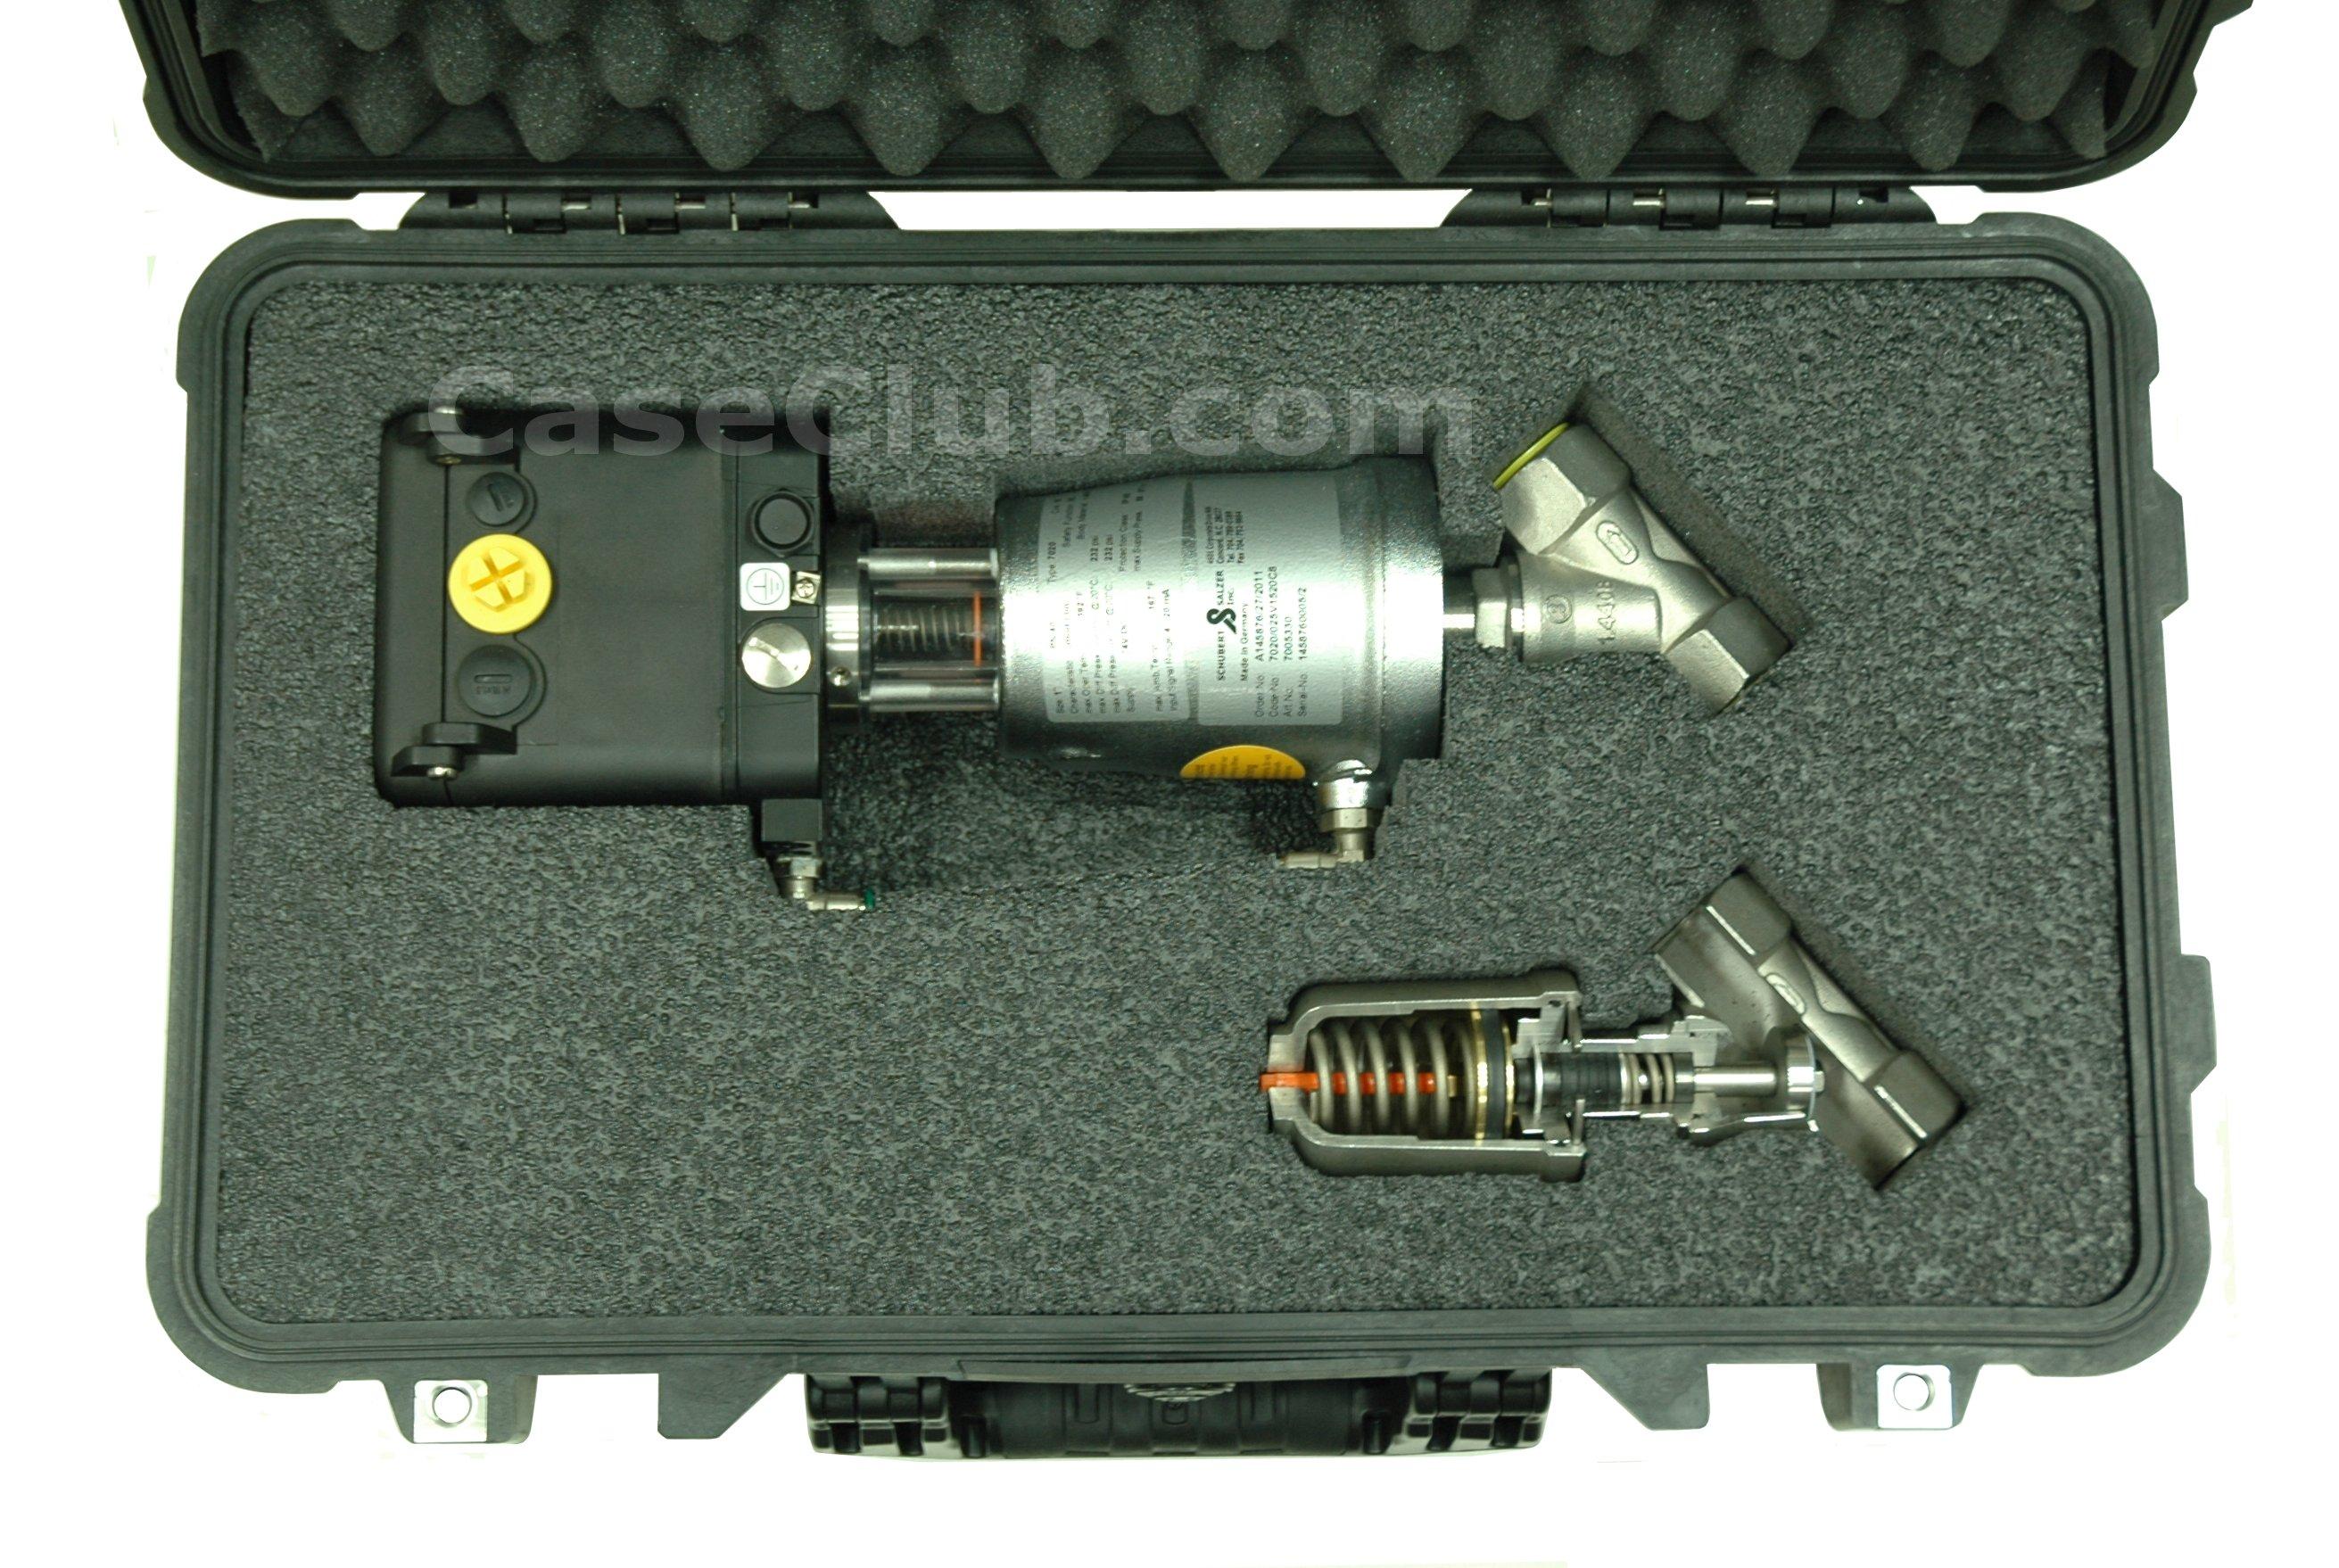 Pelican™ 1560 Case Custom Foam Example: Schubert